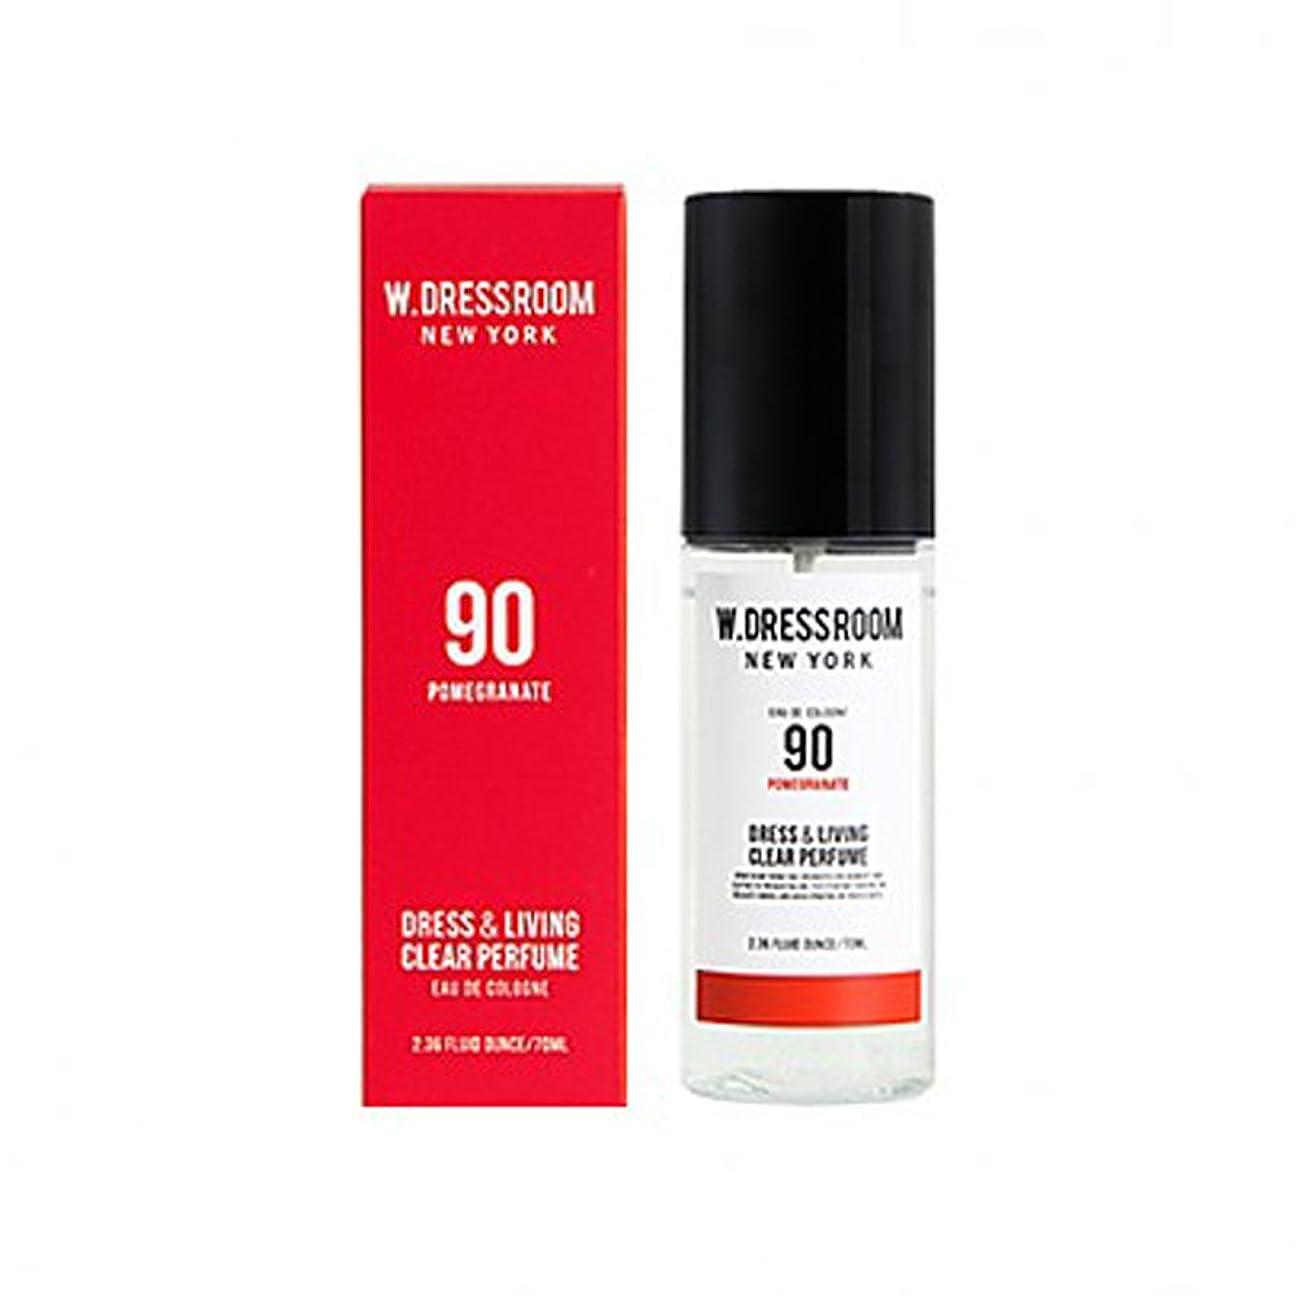 反対するラビリンス巧みなW.DRESSROOM Dress & Living Clear Perfume fragrance 70ml (#No.90 Pomegranate)/ダブルドレスルーム ドレス&リビング クリア パフューム 70ml (#No.90 Pomegranate)